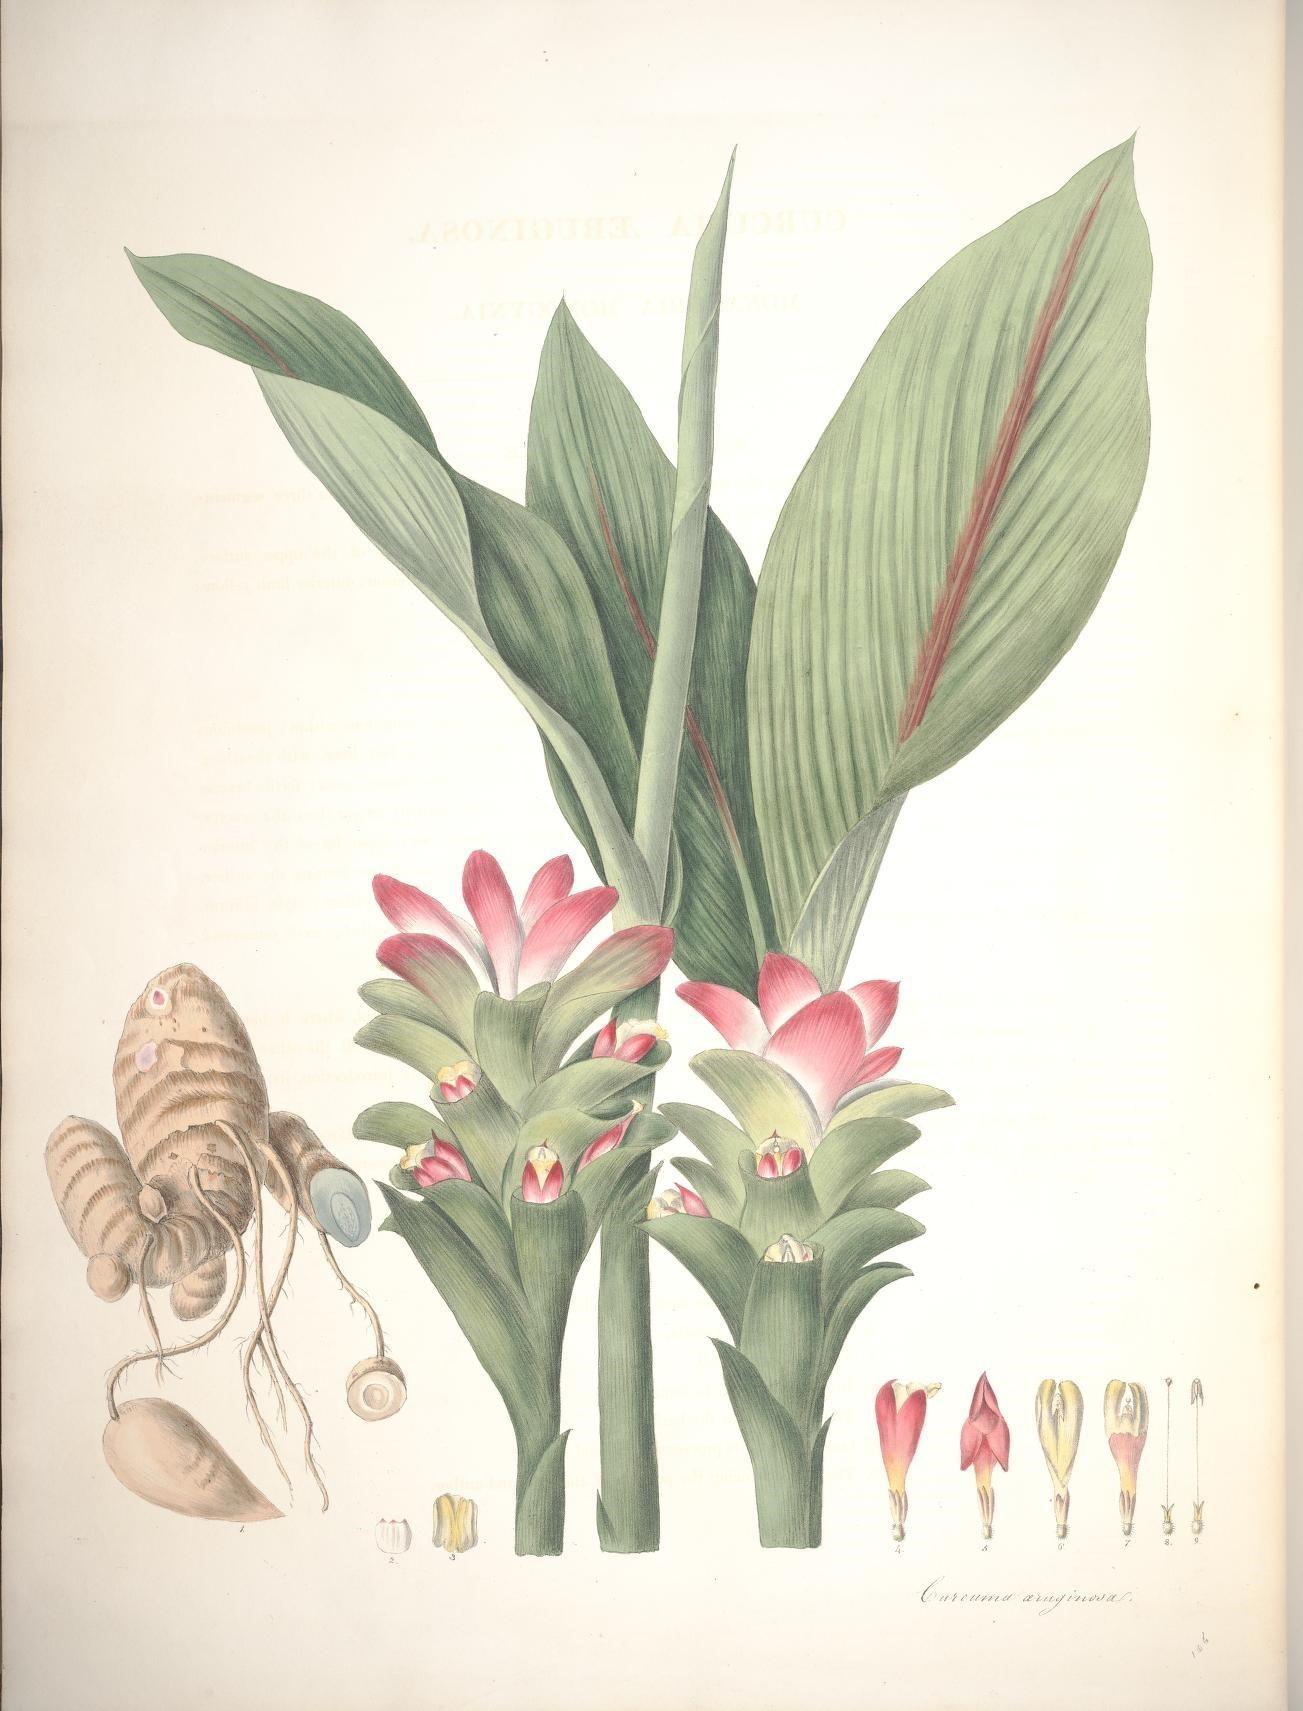 Pink-and-Blue-ginger-plant-illustration